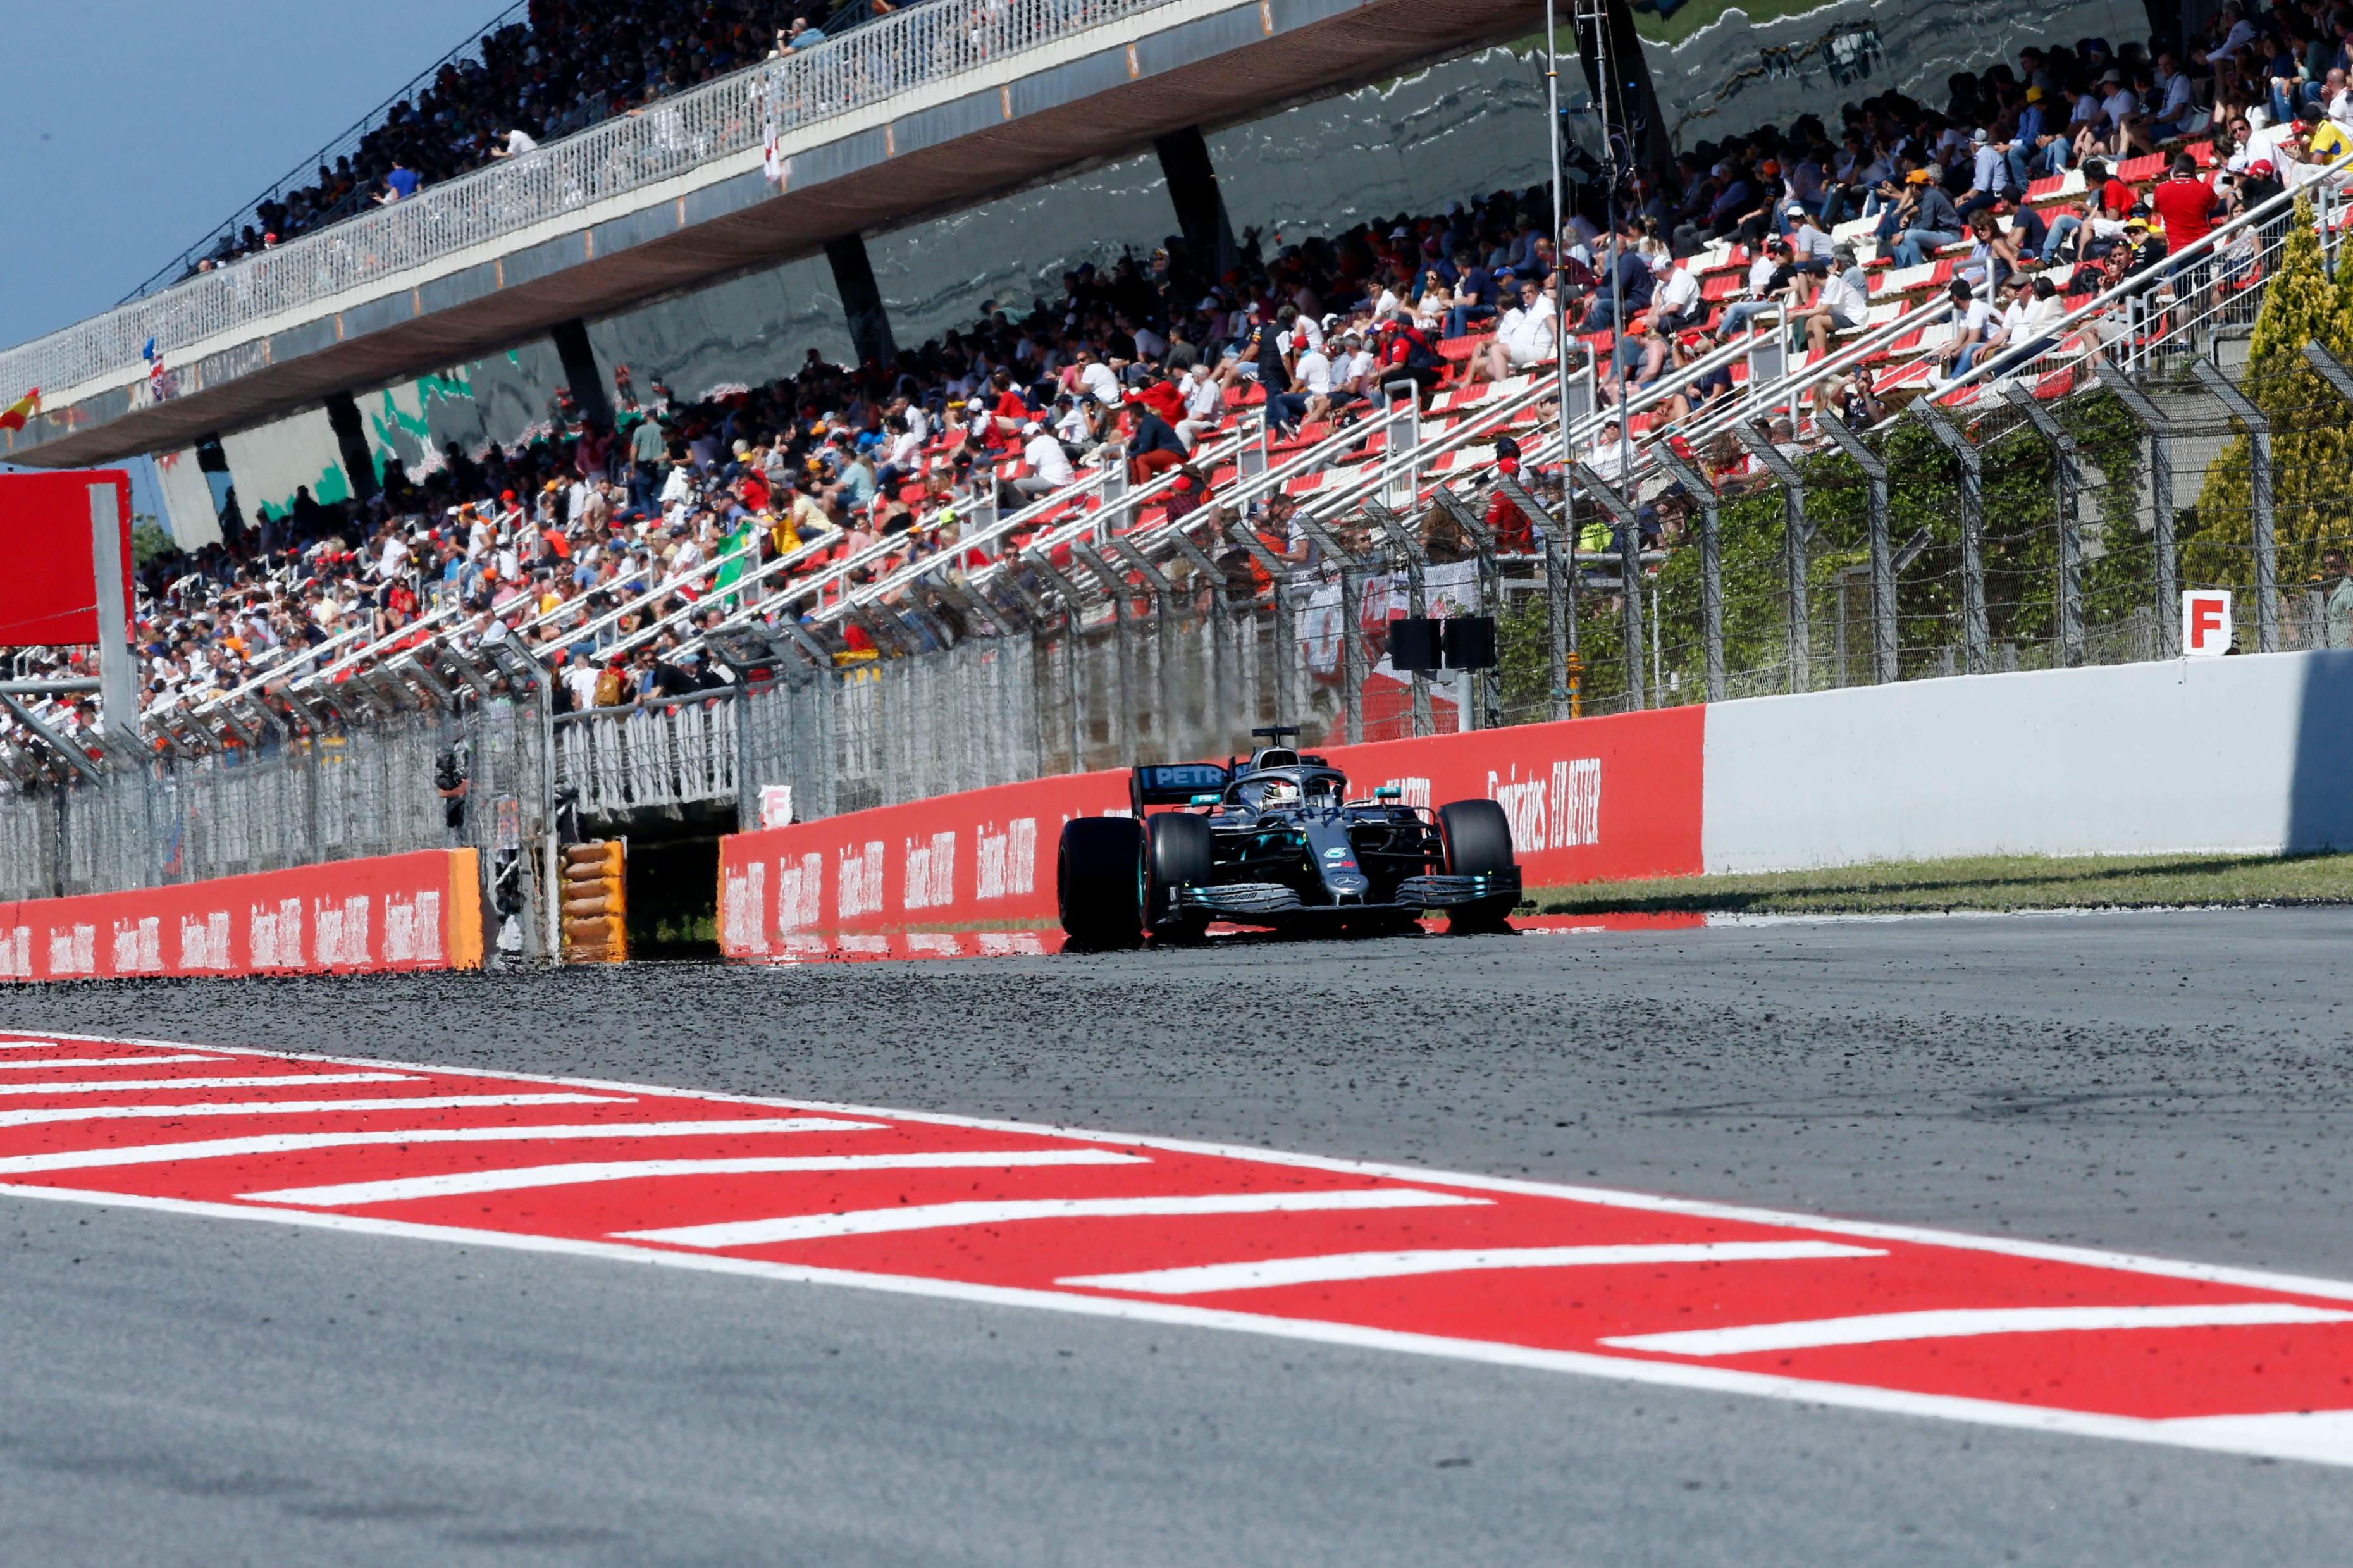 Lewis Hamilton (Mercedes) au Grand Prix d'Espagne 2019